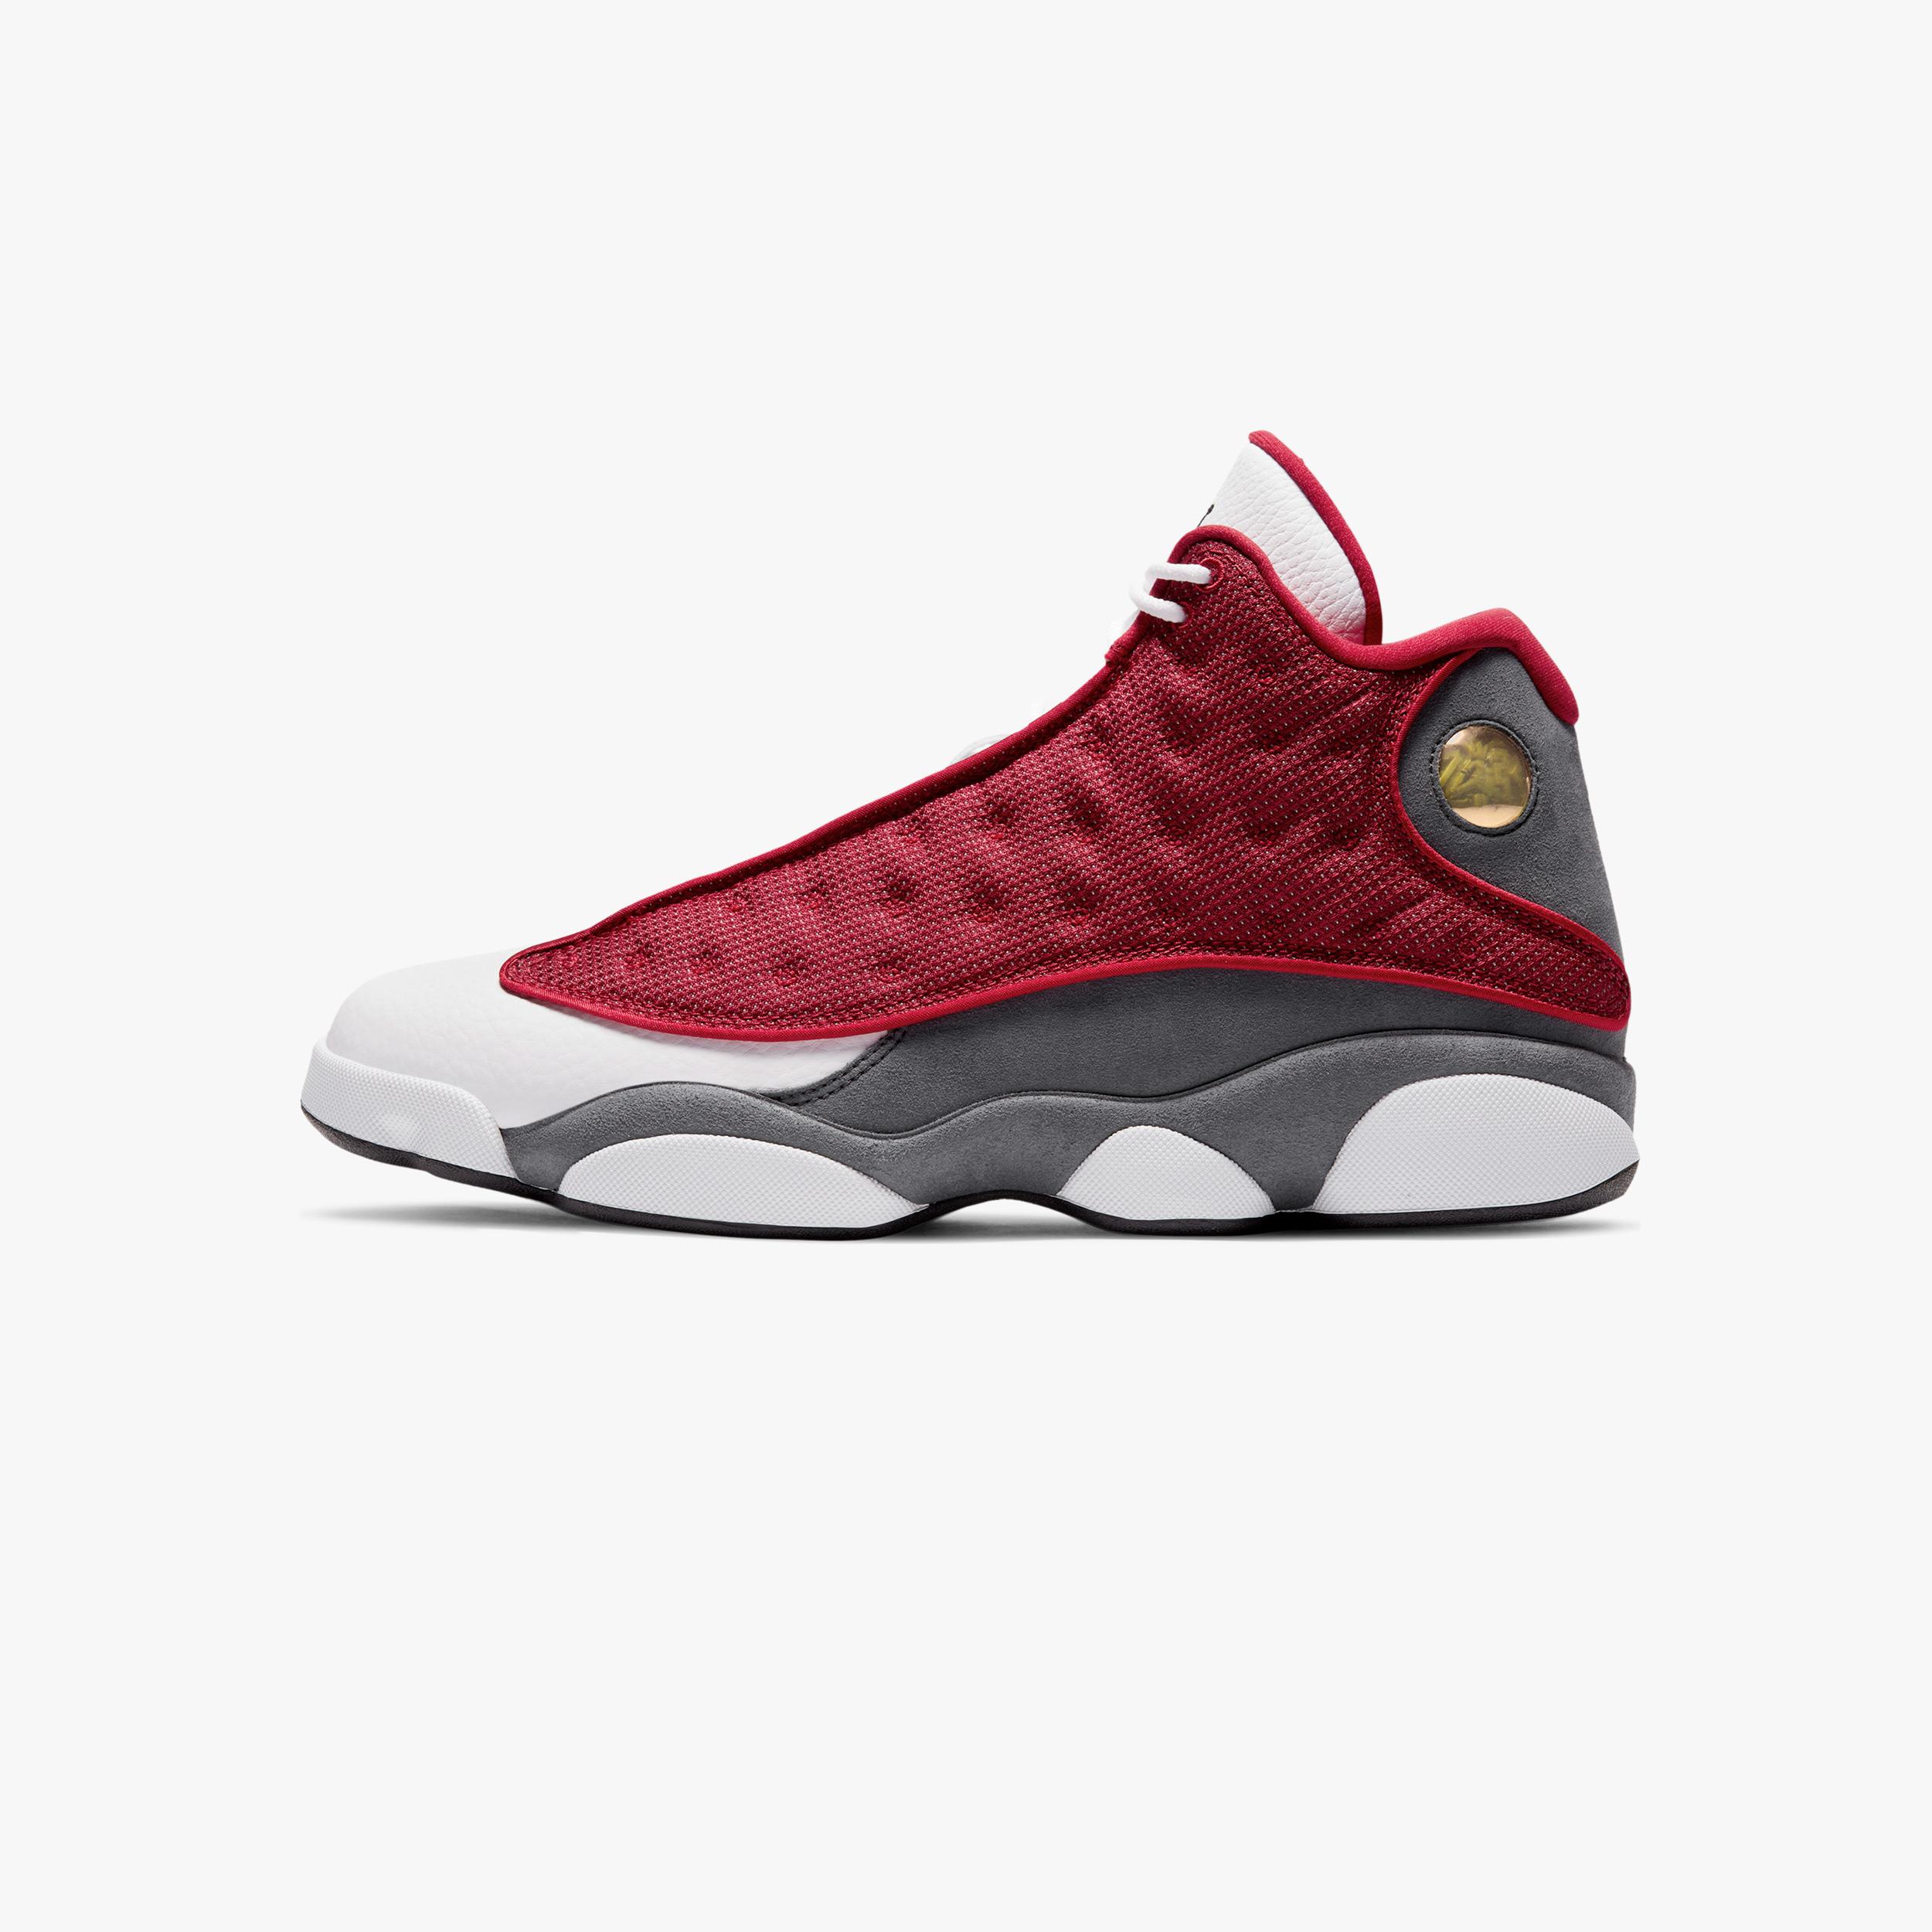 Jordan Brand Air Jordan 13 Retro - Dj5982-600 - SNS   sneakers ...